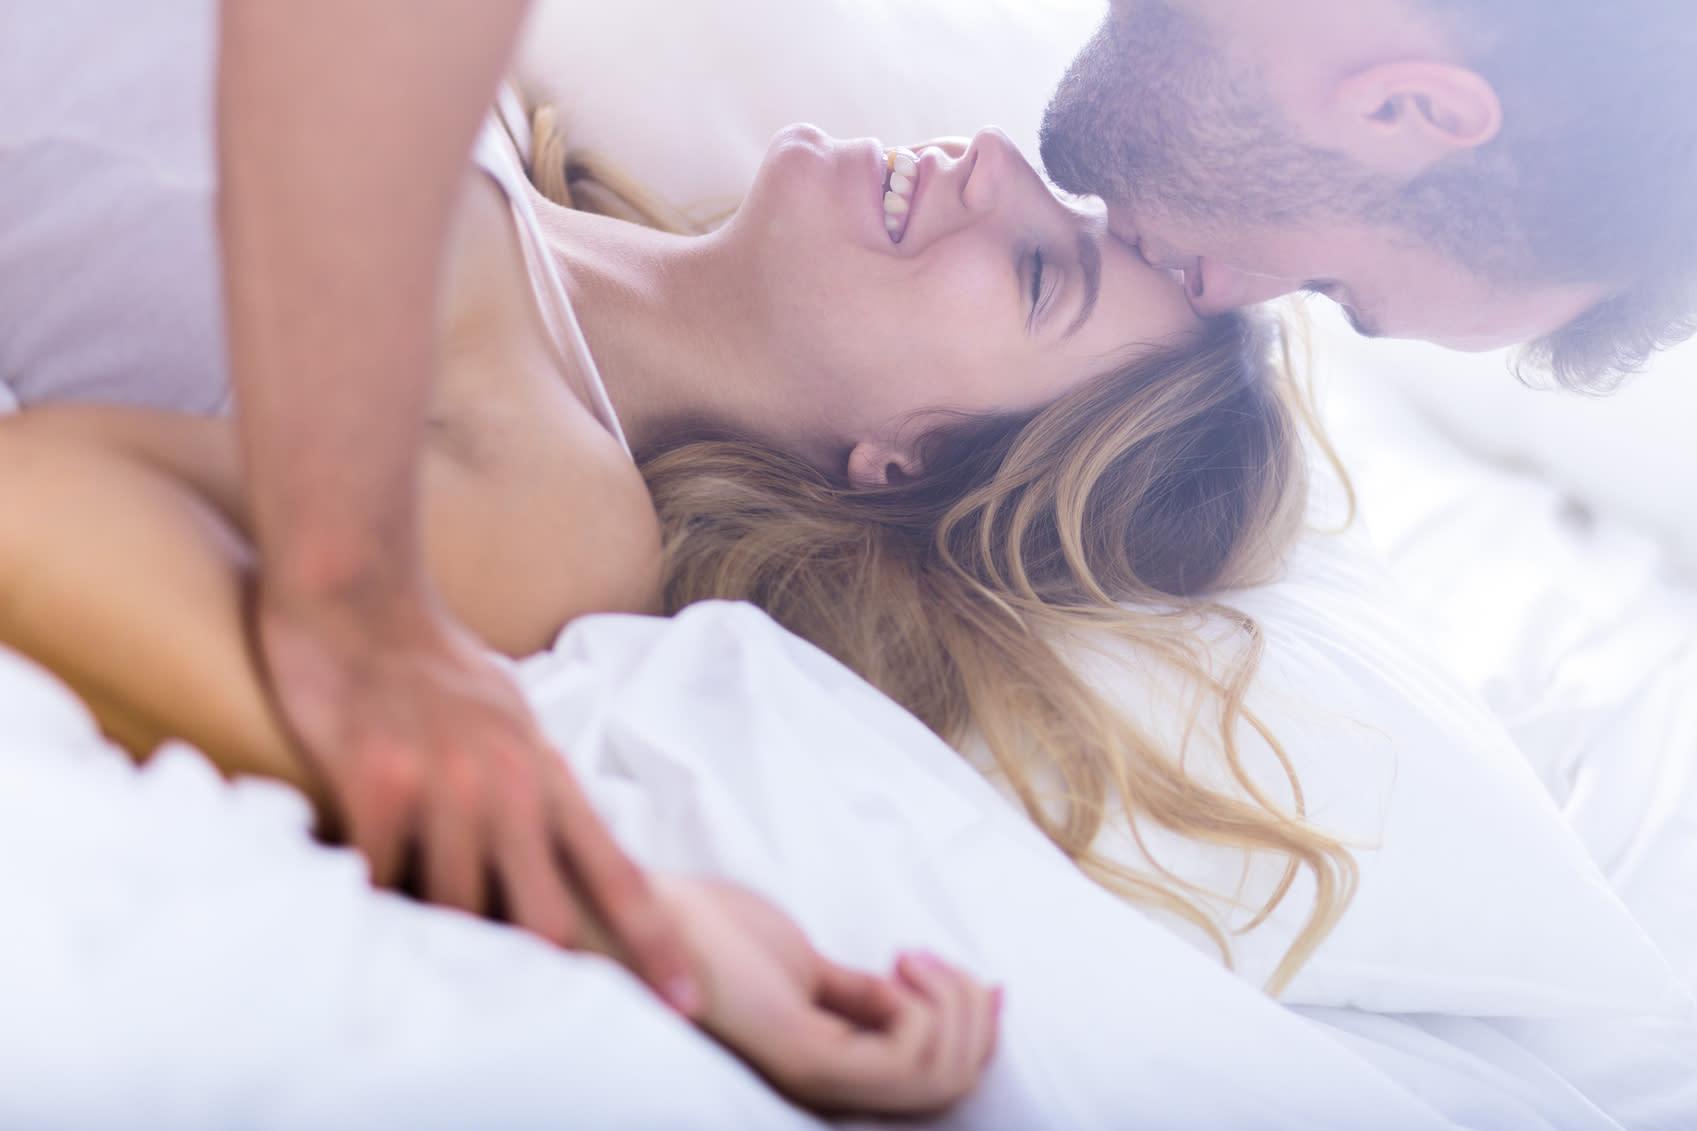 Женские стоны в кровати